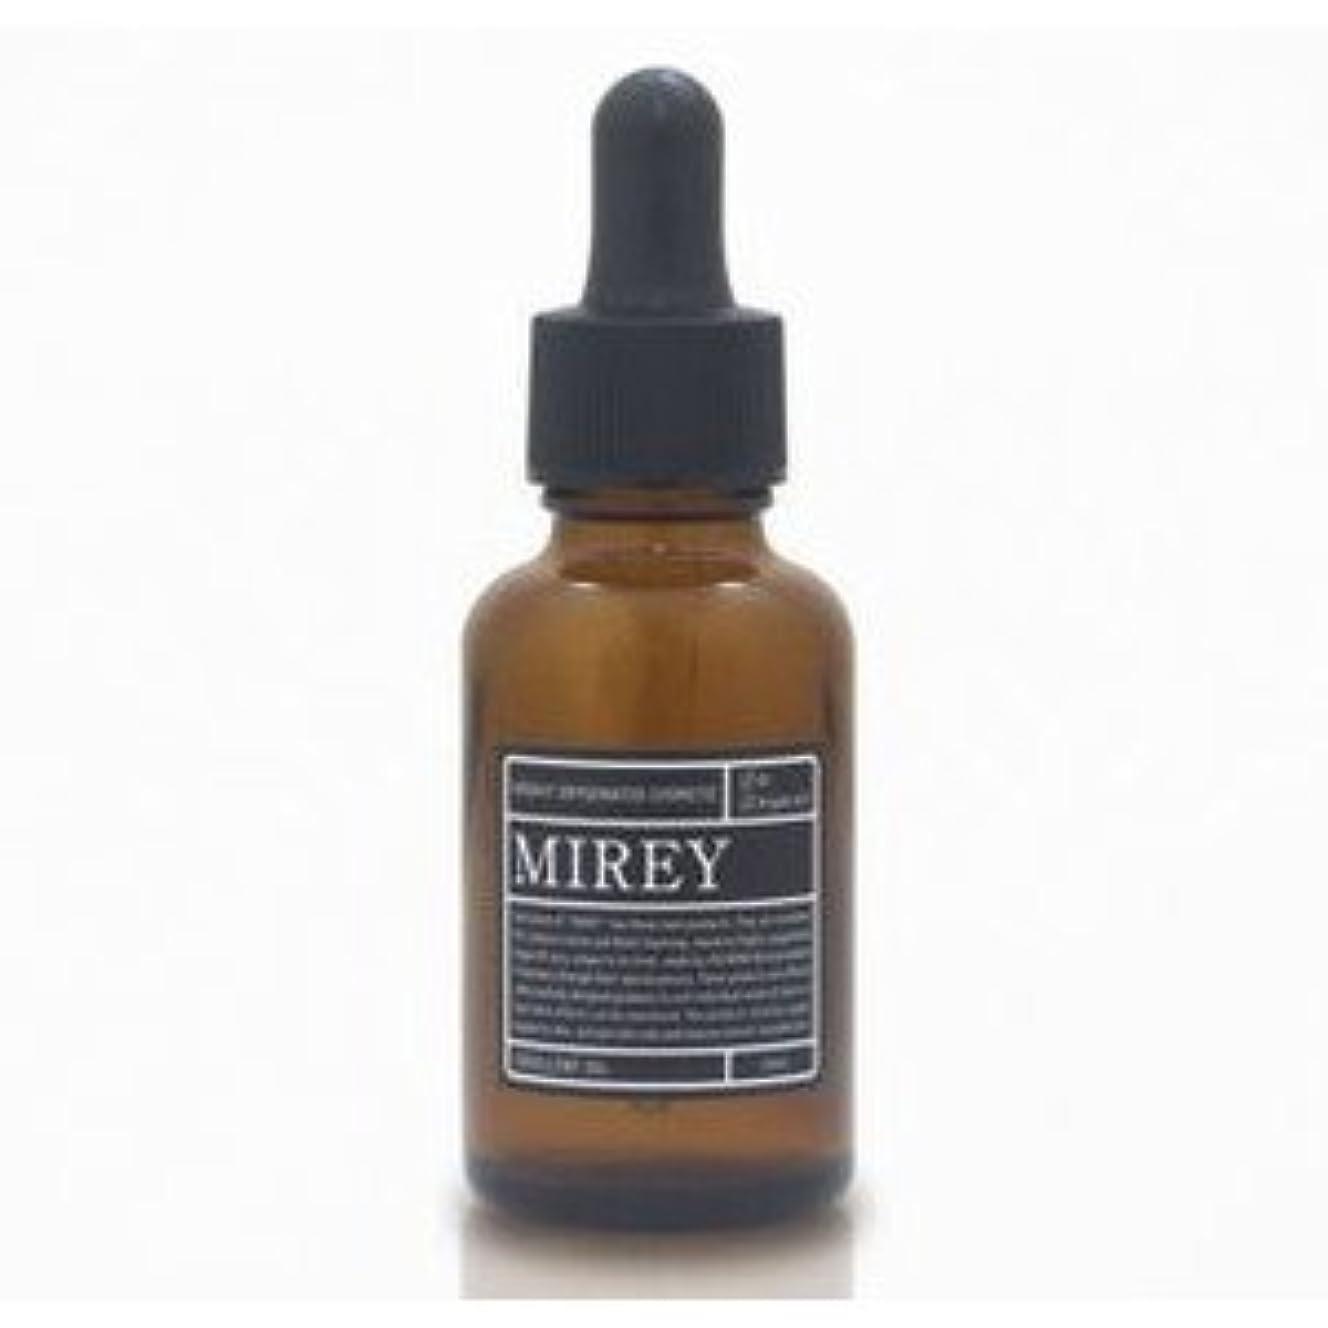 アウトドア資産宣言MIREY ミレイ エクセレントオイル 20ml